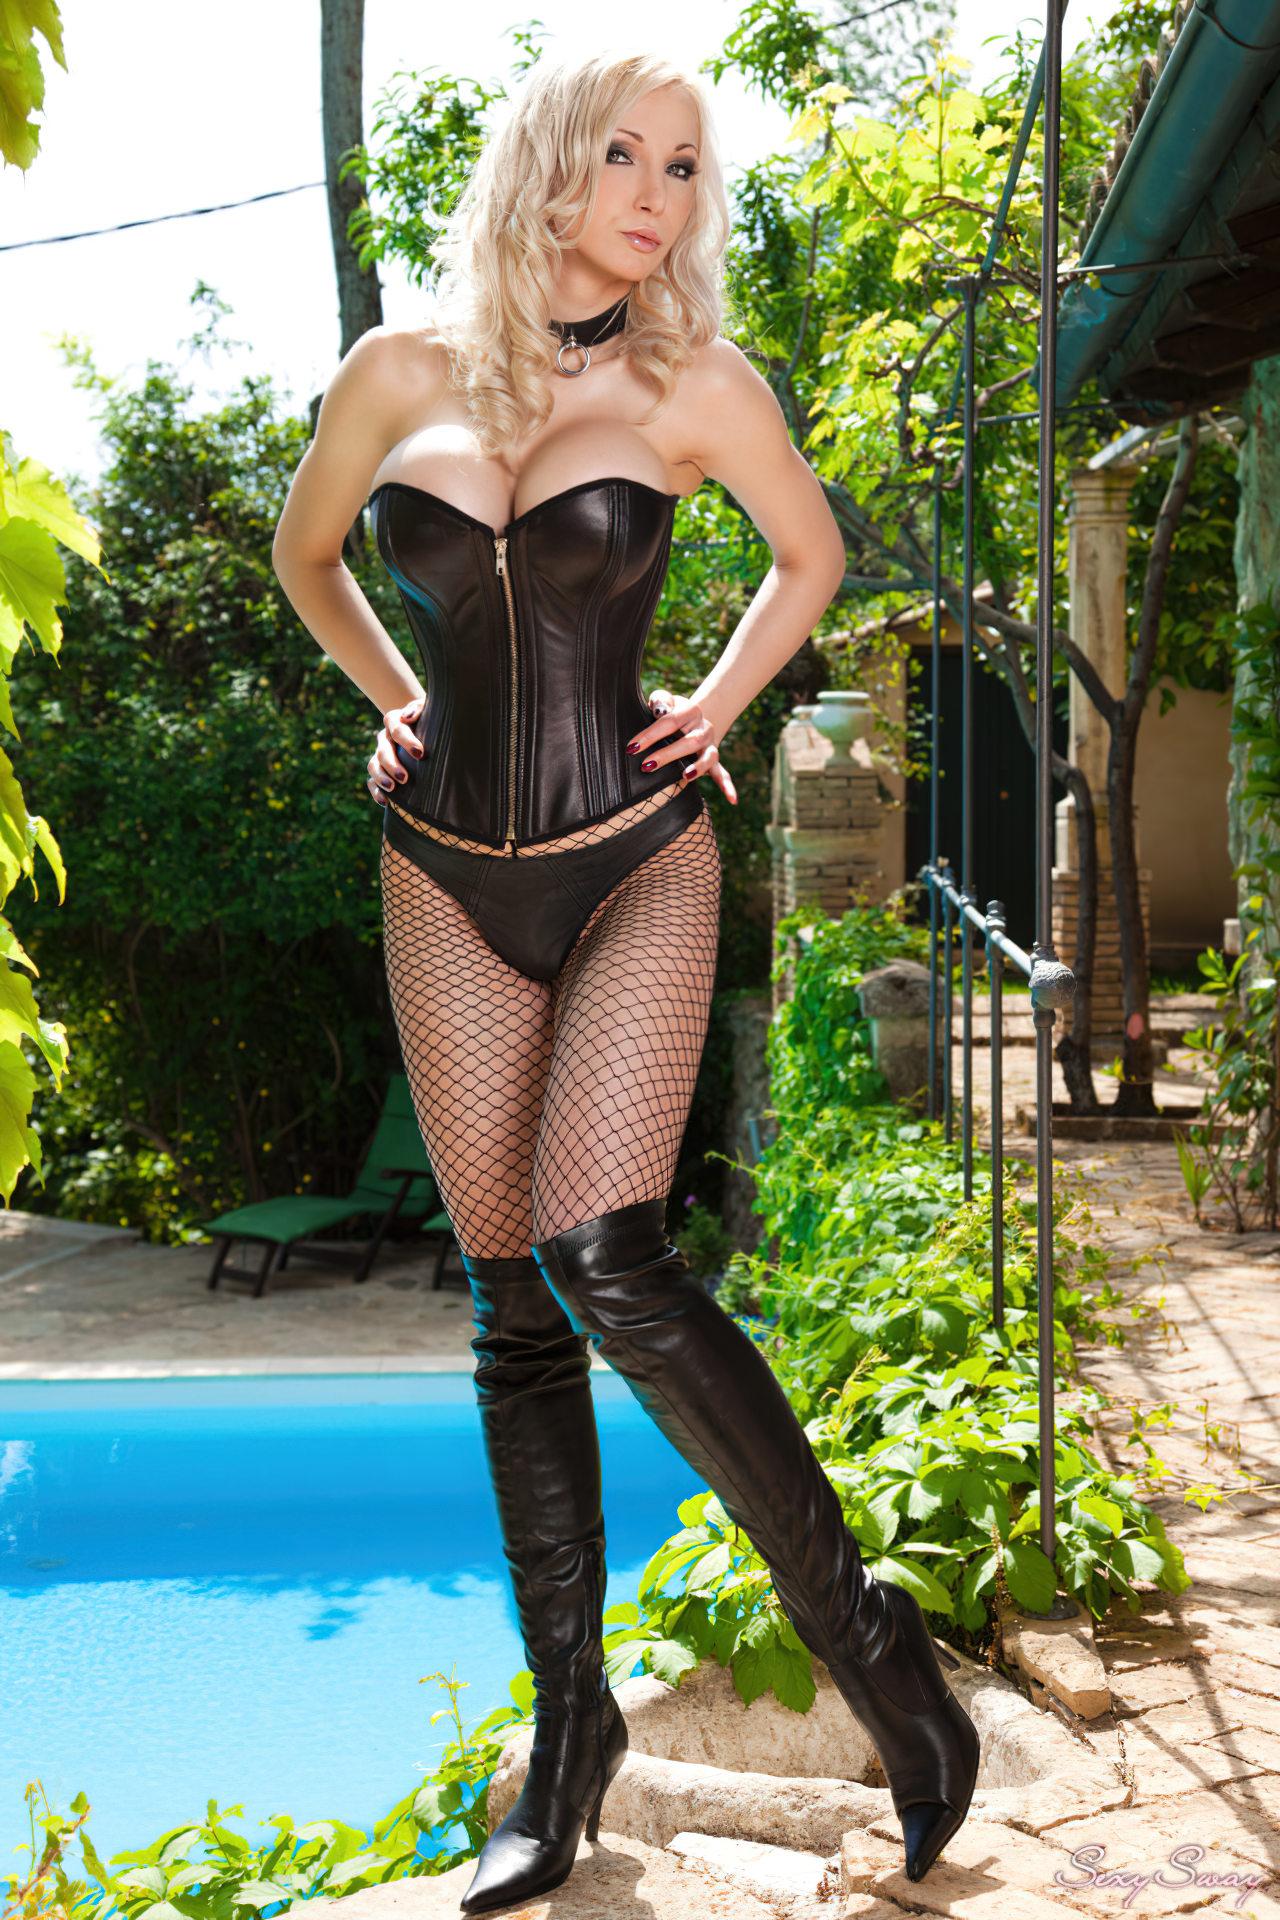 Mulher loira usando lingerie preta ao pé da piscina.